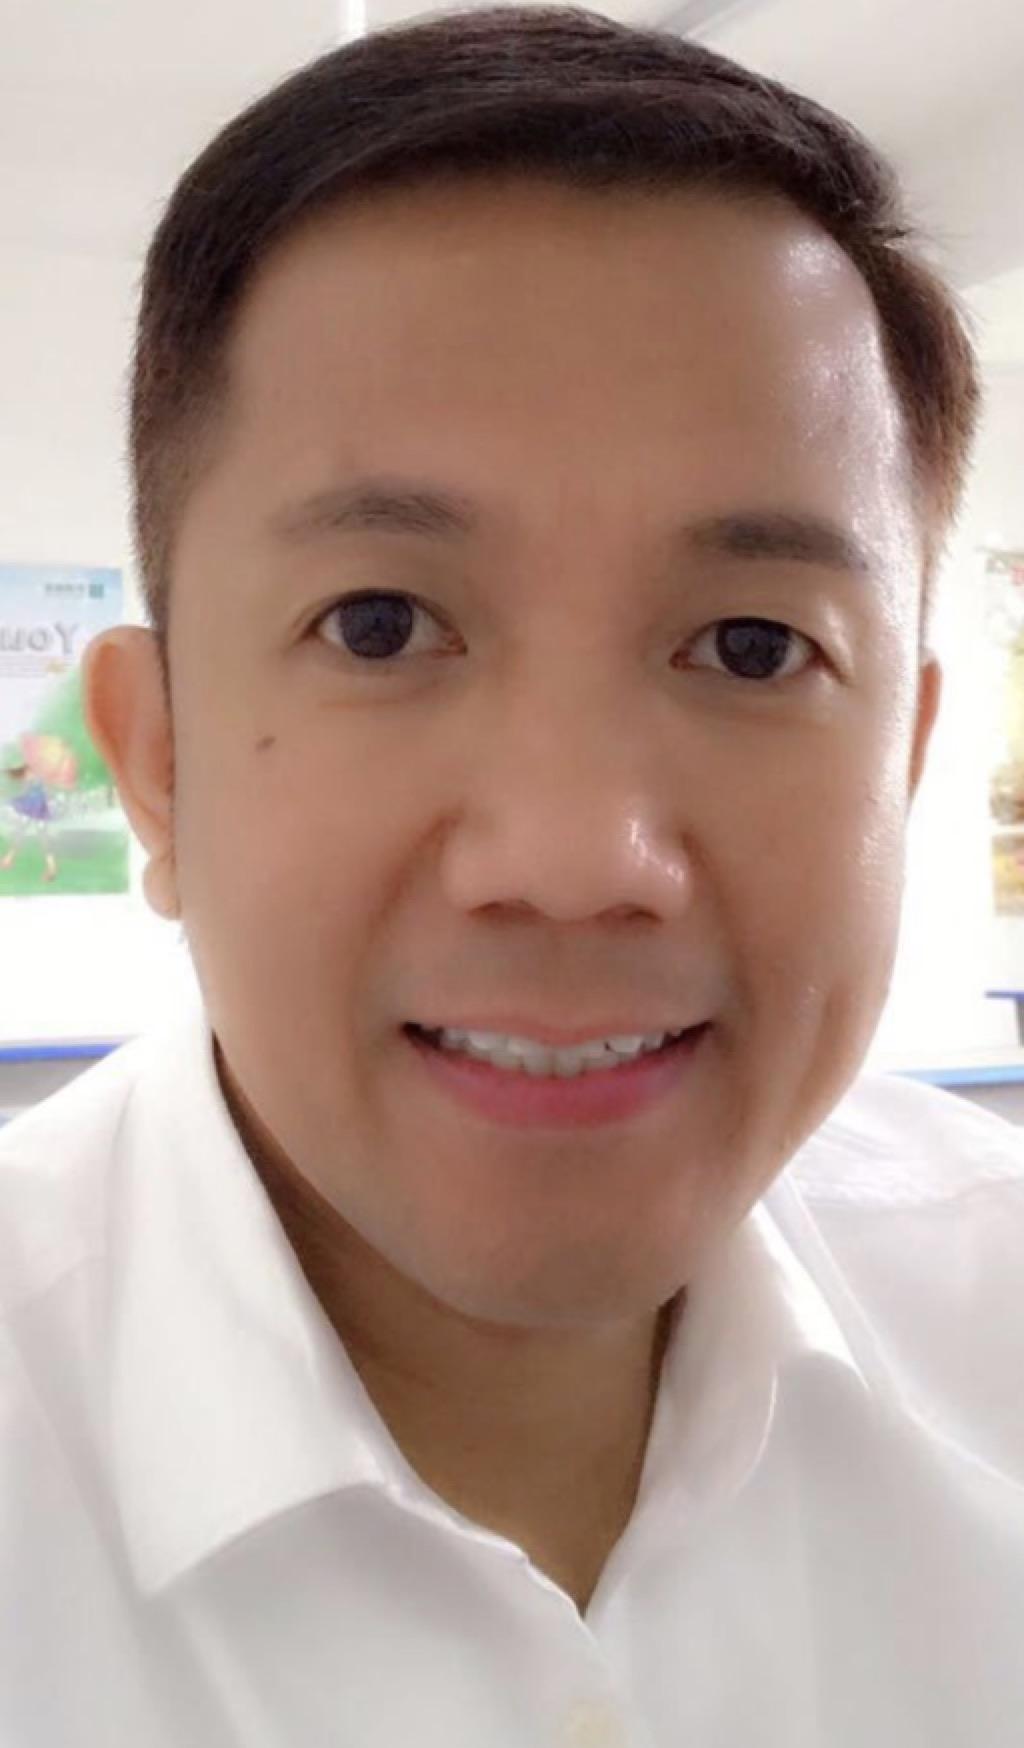 菲律宾本科外教编号:wj35920787